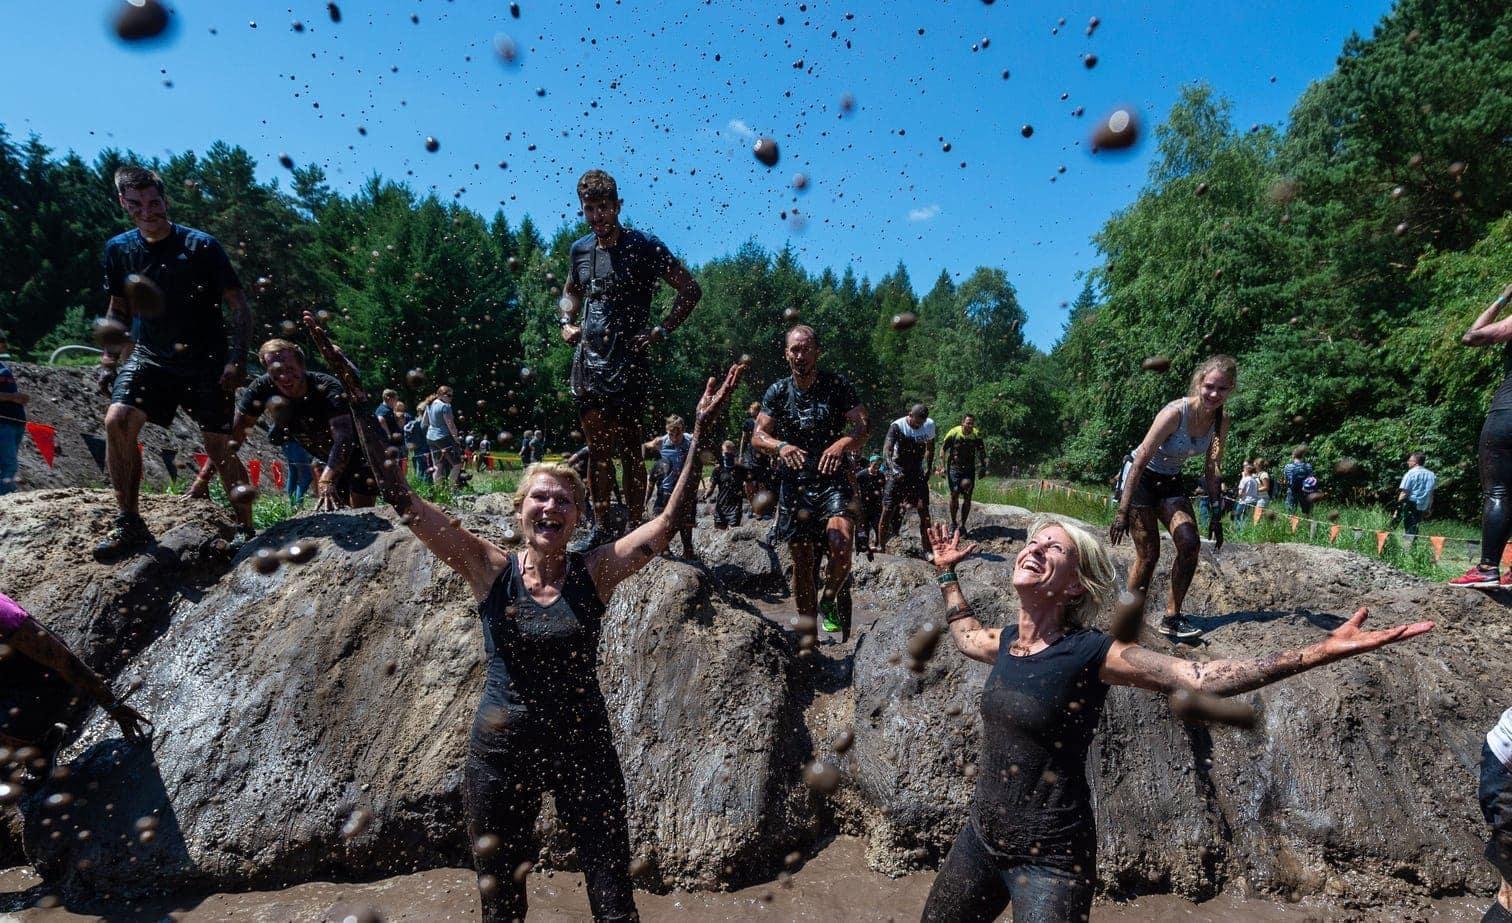 <p>In Hermannsburg in der Lüneburger Heide haben sich tausende Teilnehmer am Wochenende beim Tough Mudder durch tiefen Matsch und über viele Hindernisse gequält.</p> Foto: dpa